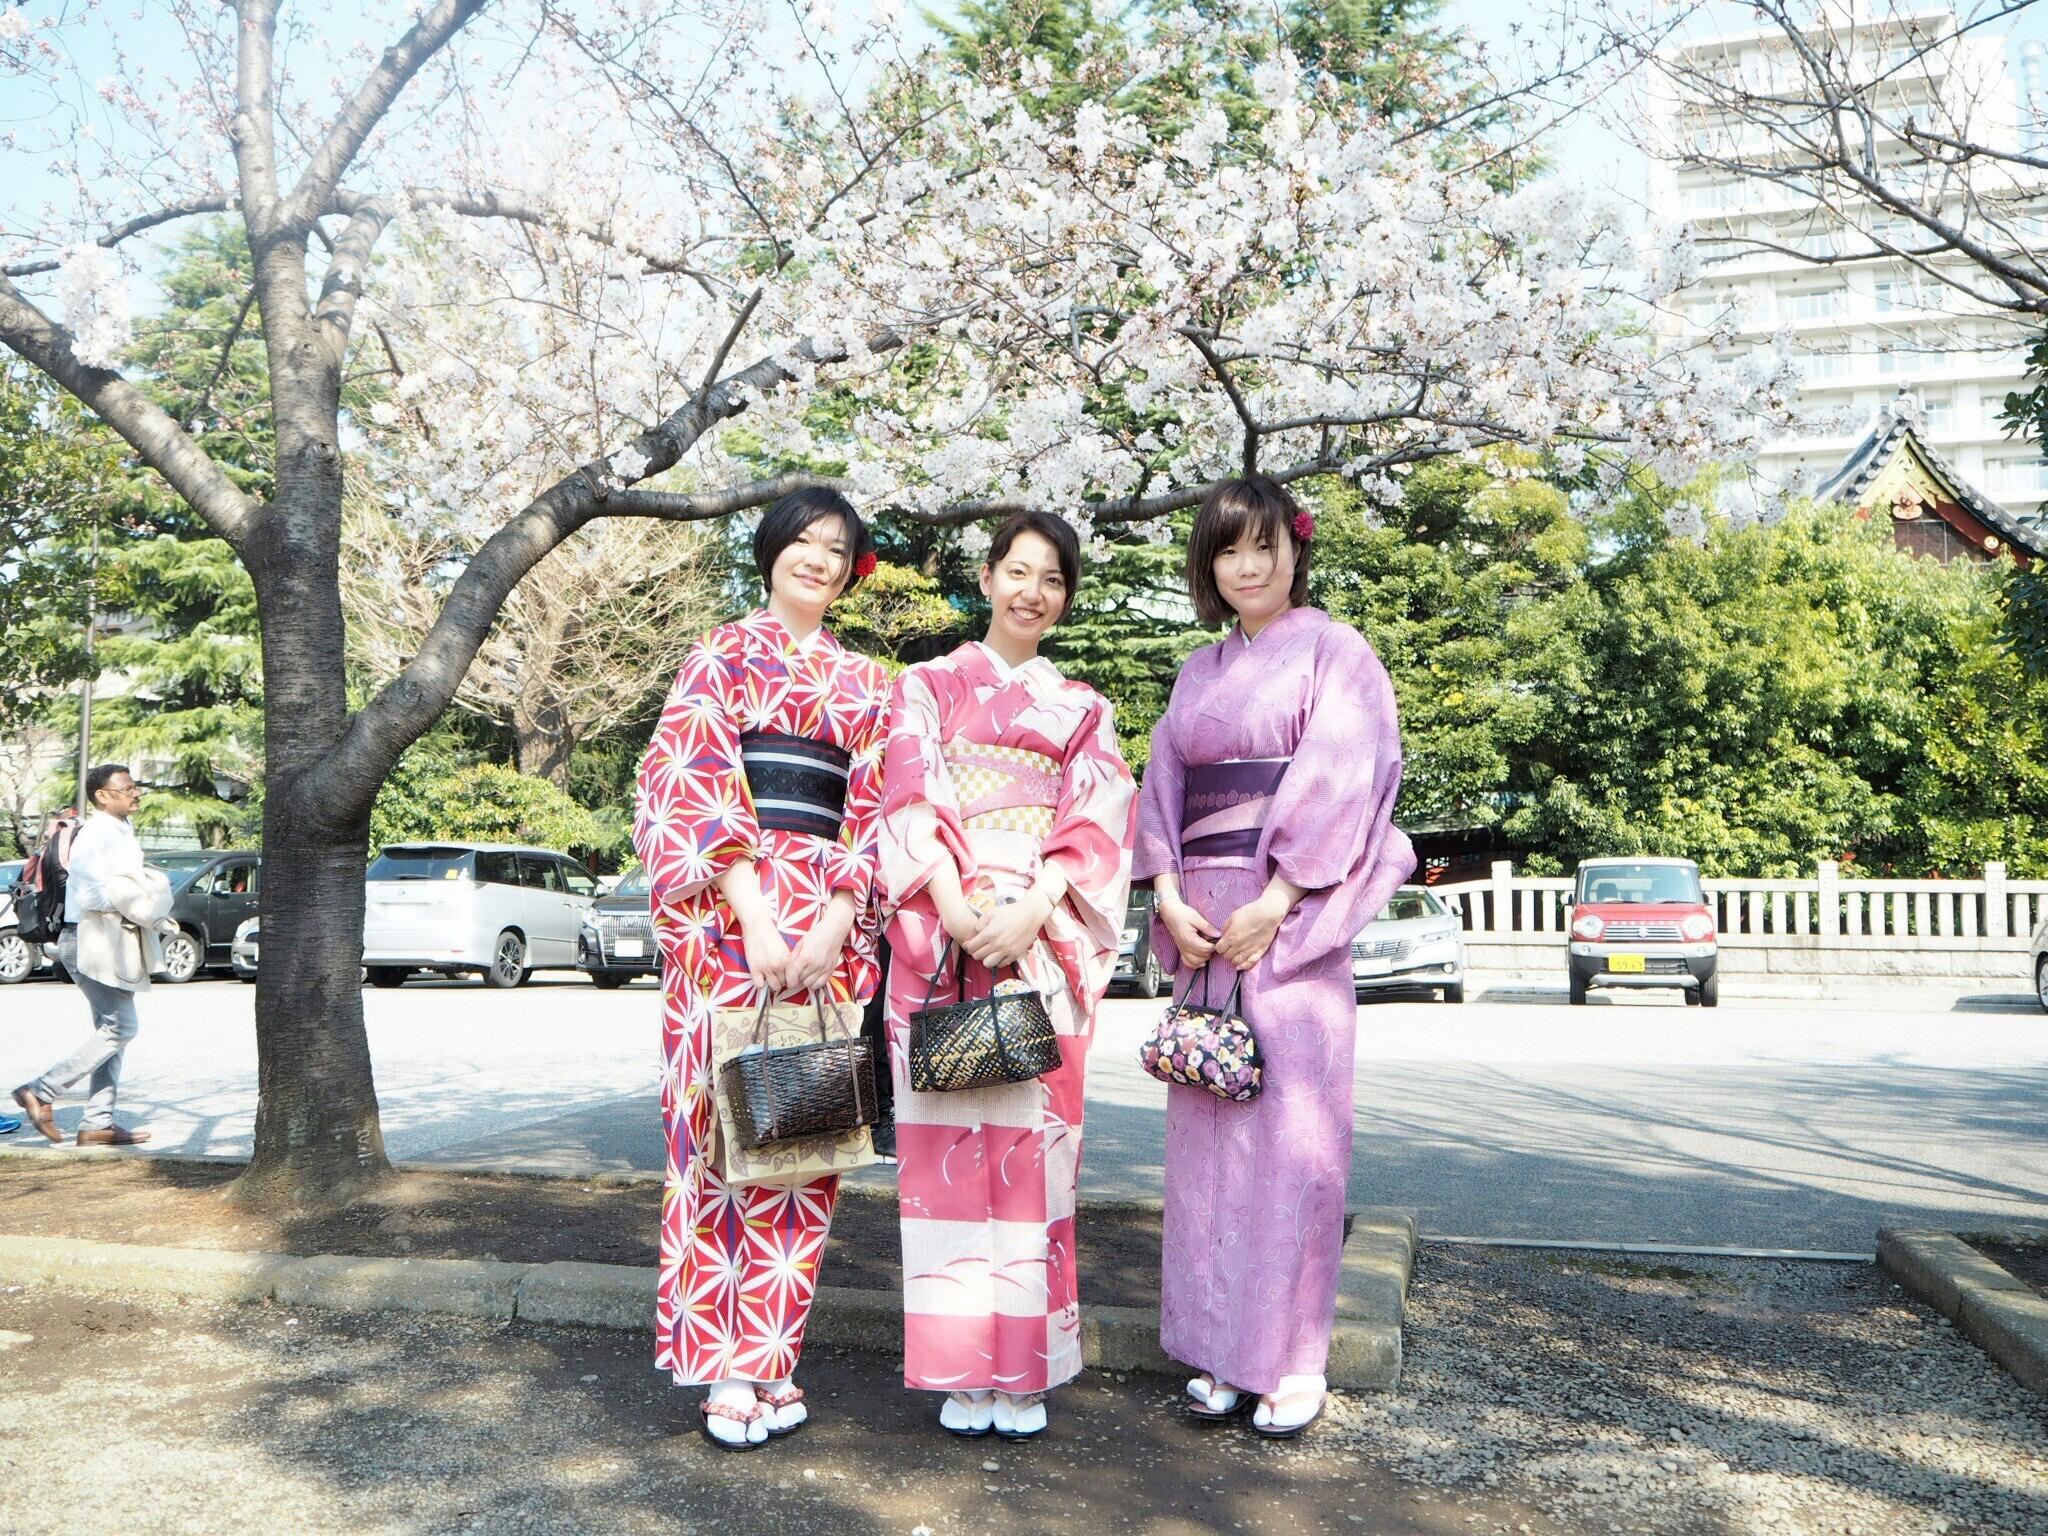 【春の東京旅行第2弾】浅草を10倍楽しむ方法!とインスタ映えの桜写真♪